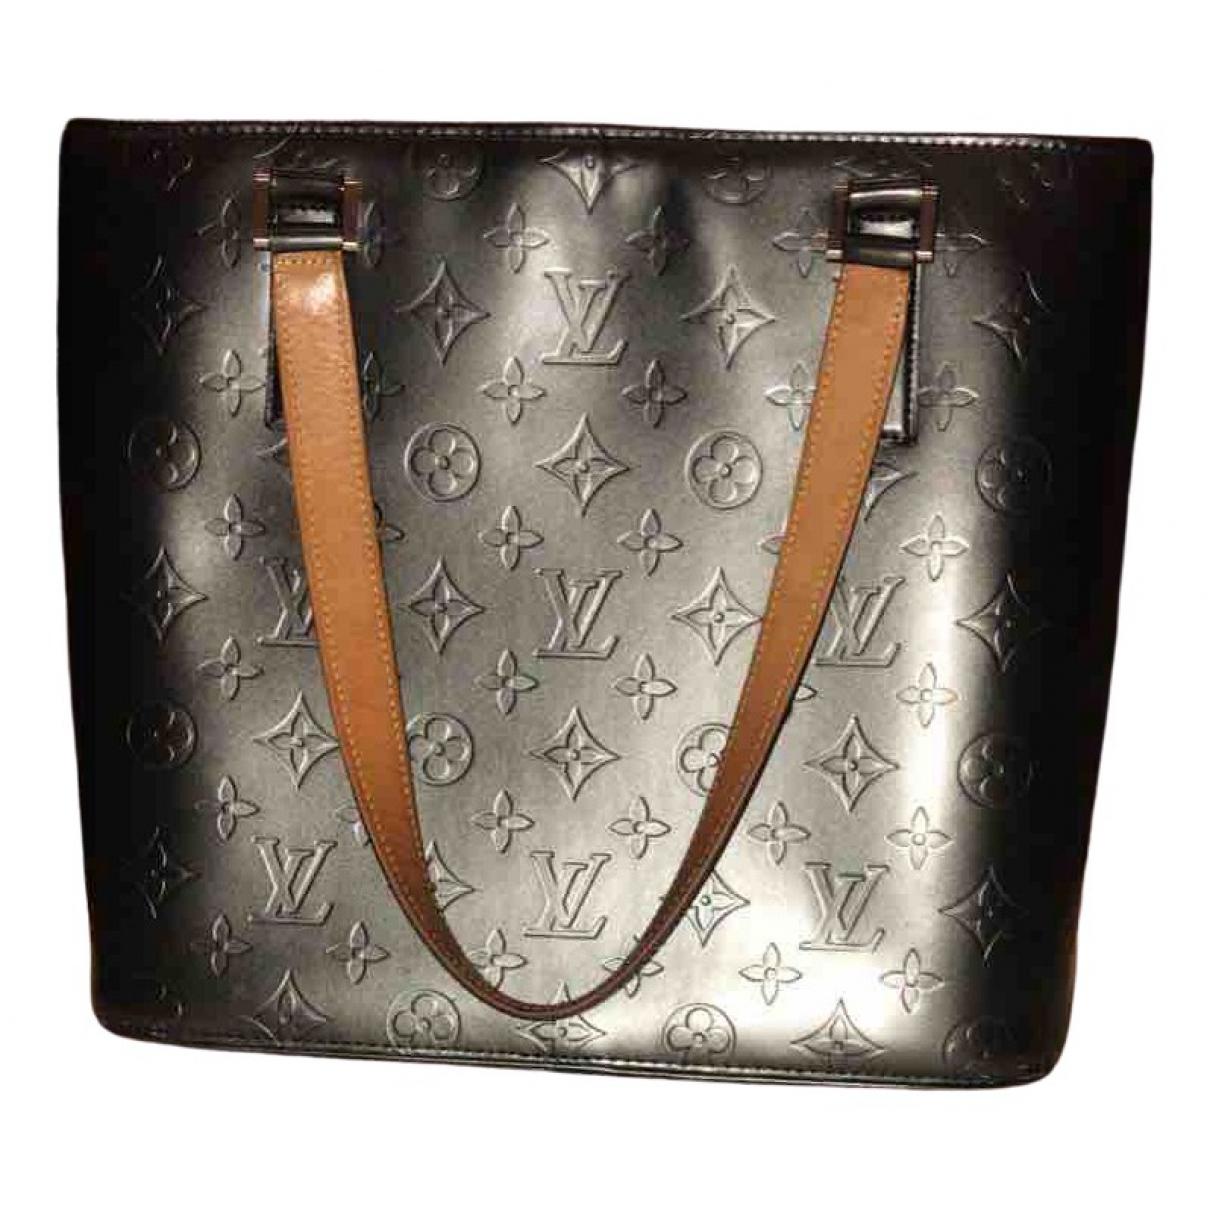 Louis Vuitton - Sac a main Stockton pour femme en cuir - gris